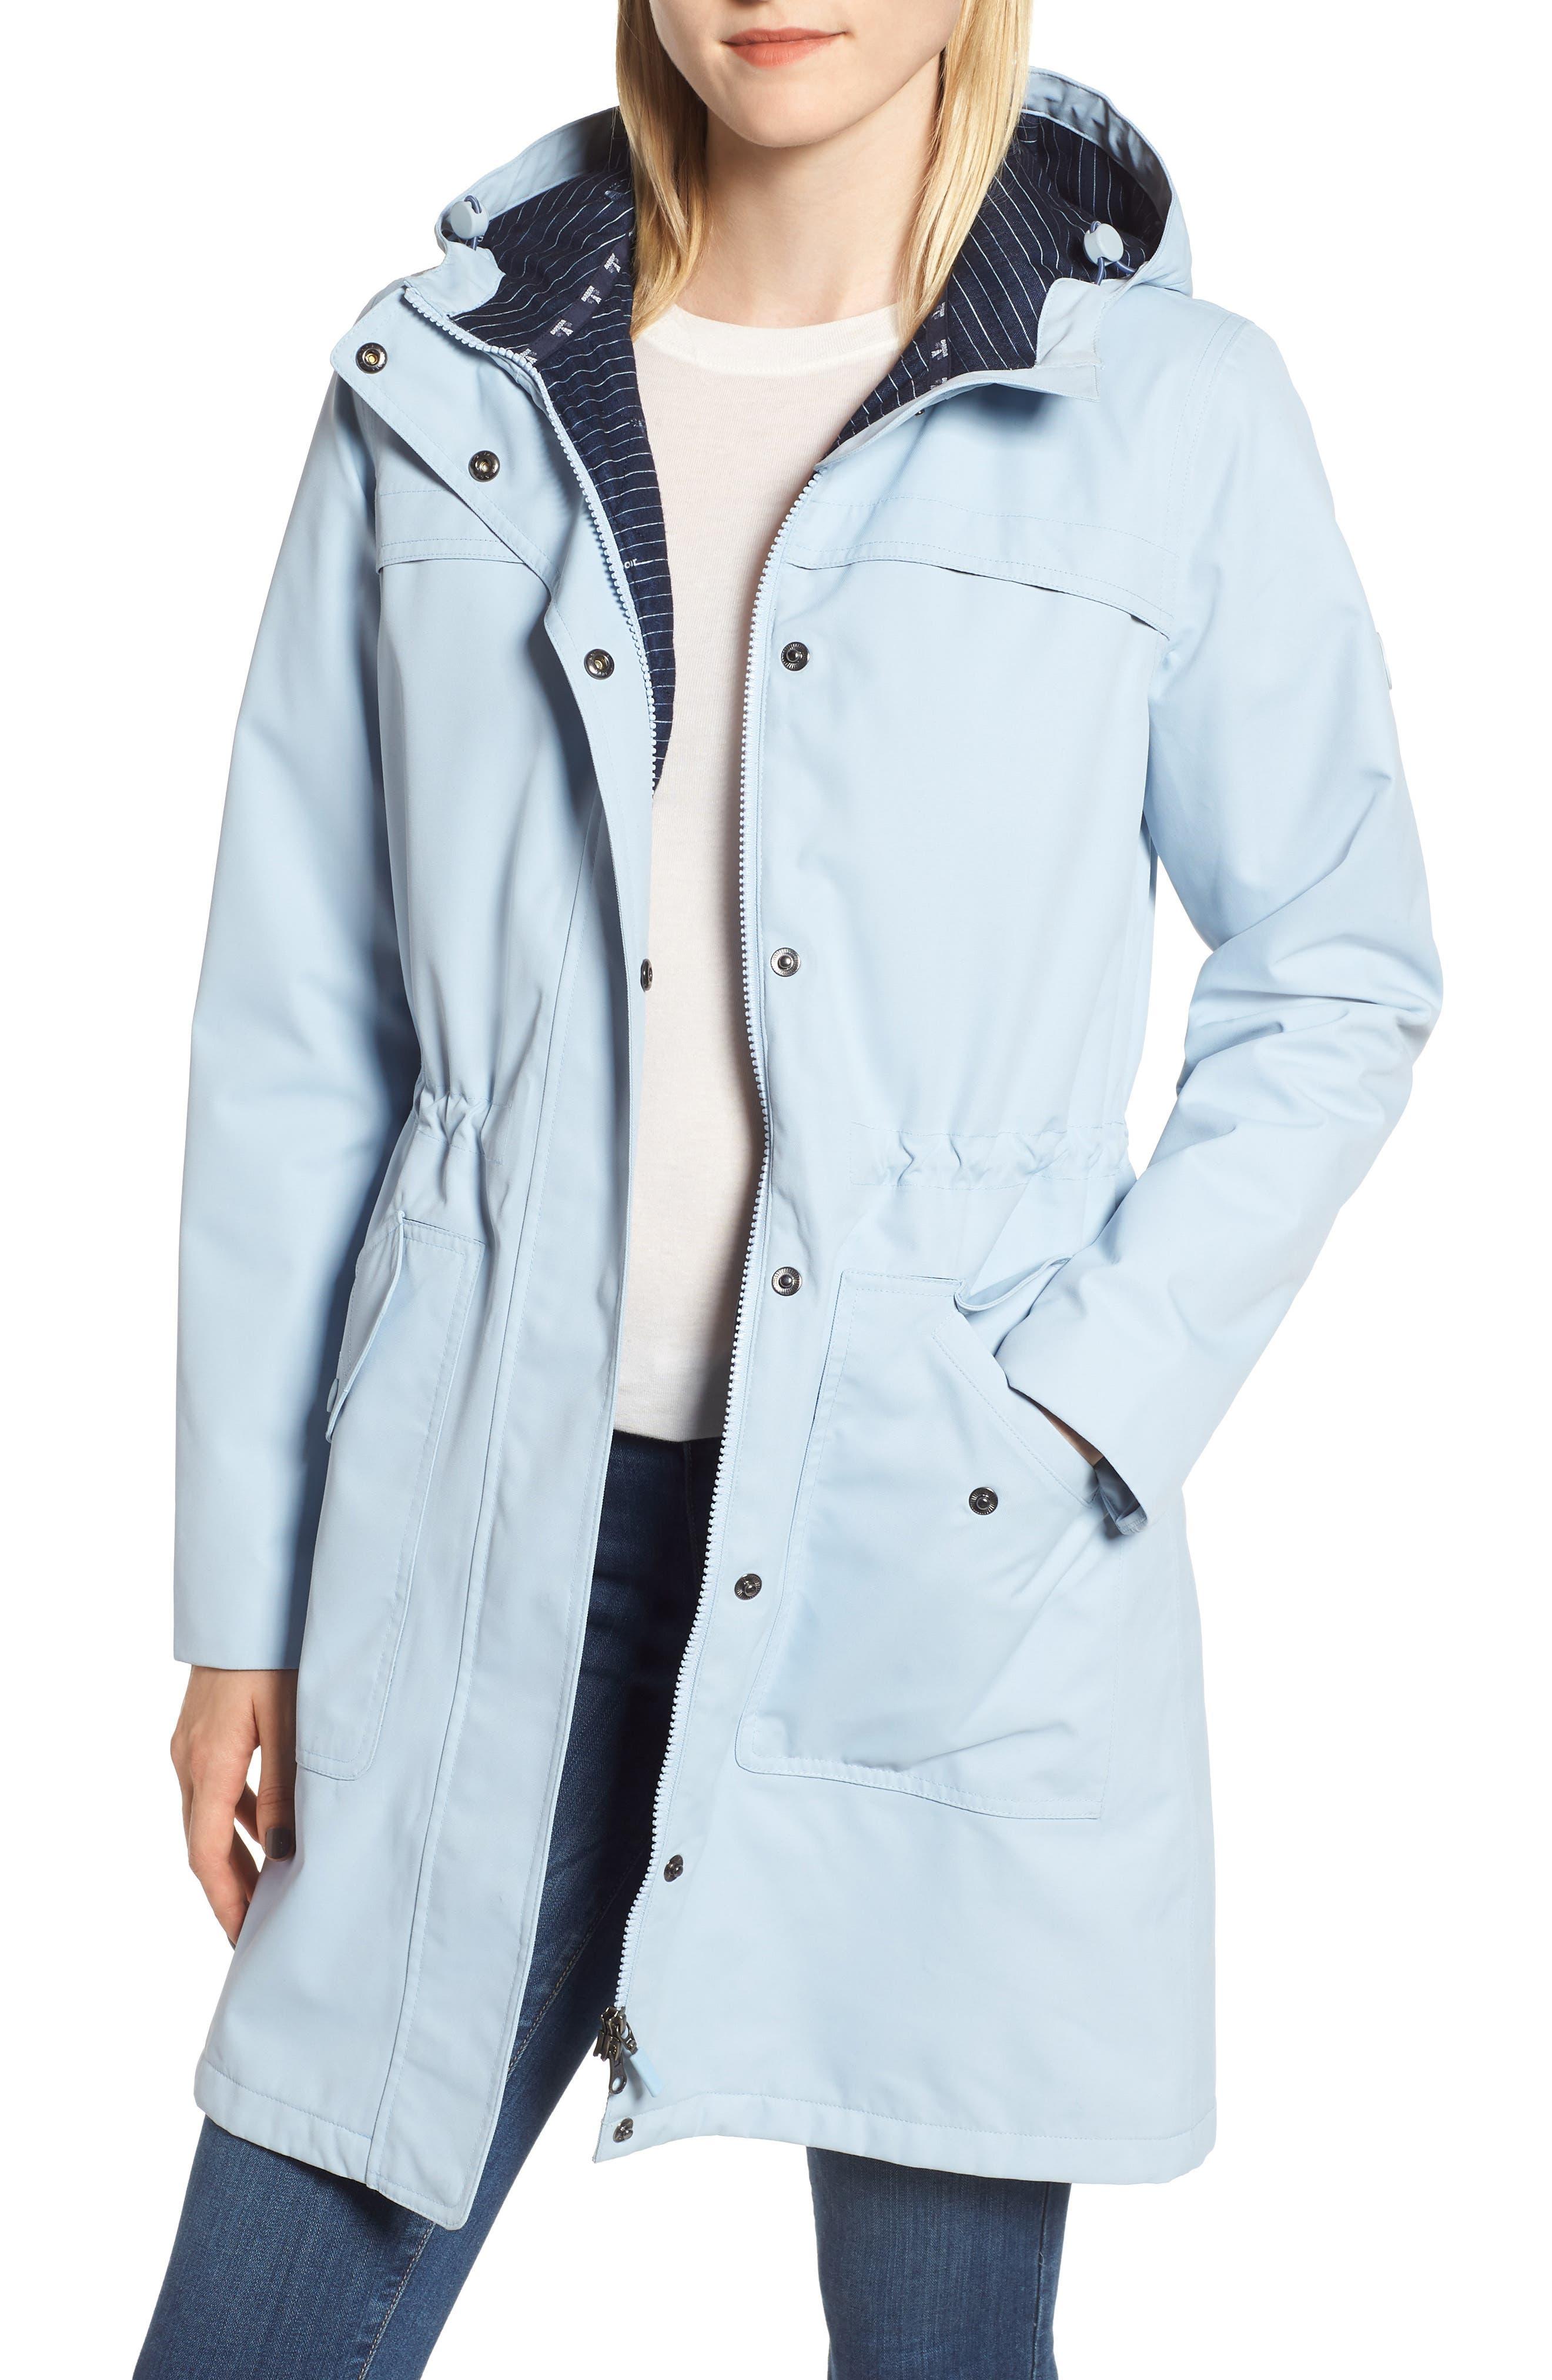 Barbour Seafield Waterproof Breathable Jacket, US / 10 UK - Blue